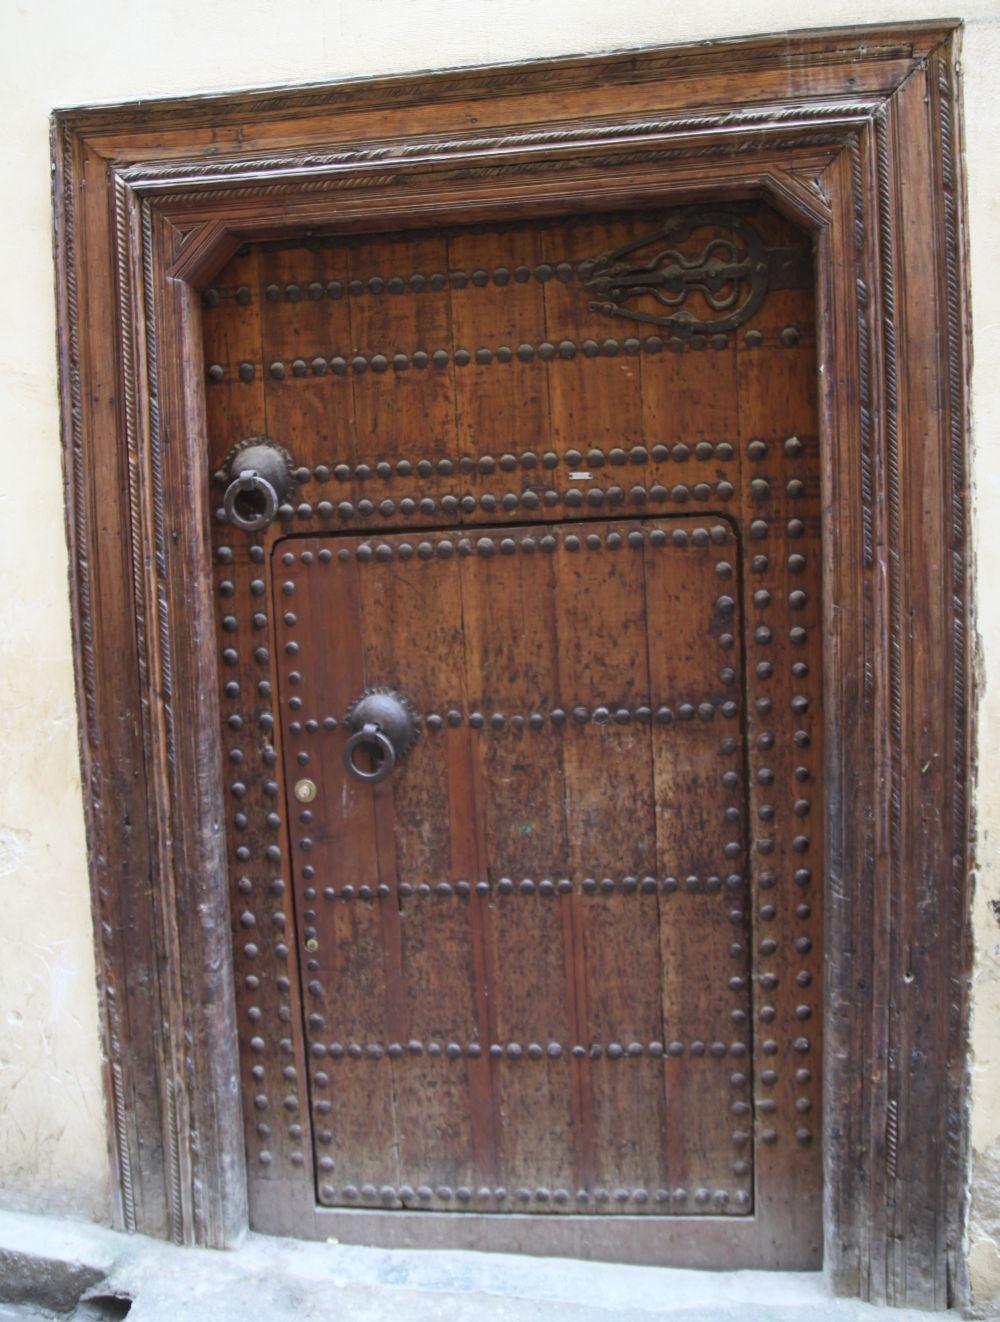 Tradycyjnie zdobione drzwi wiodące do domu w Fezie. Znak z trzema palcami wskazuje, że w domu mieszka arabska rodzina, pięć palców oznacza rodzinę Berberów